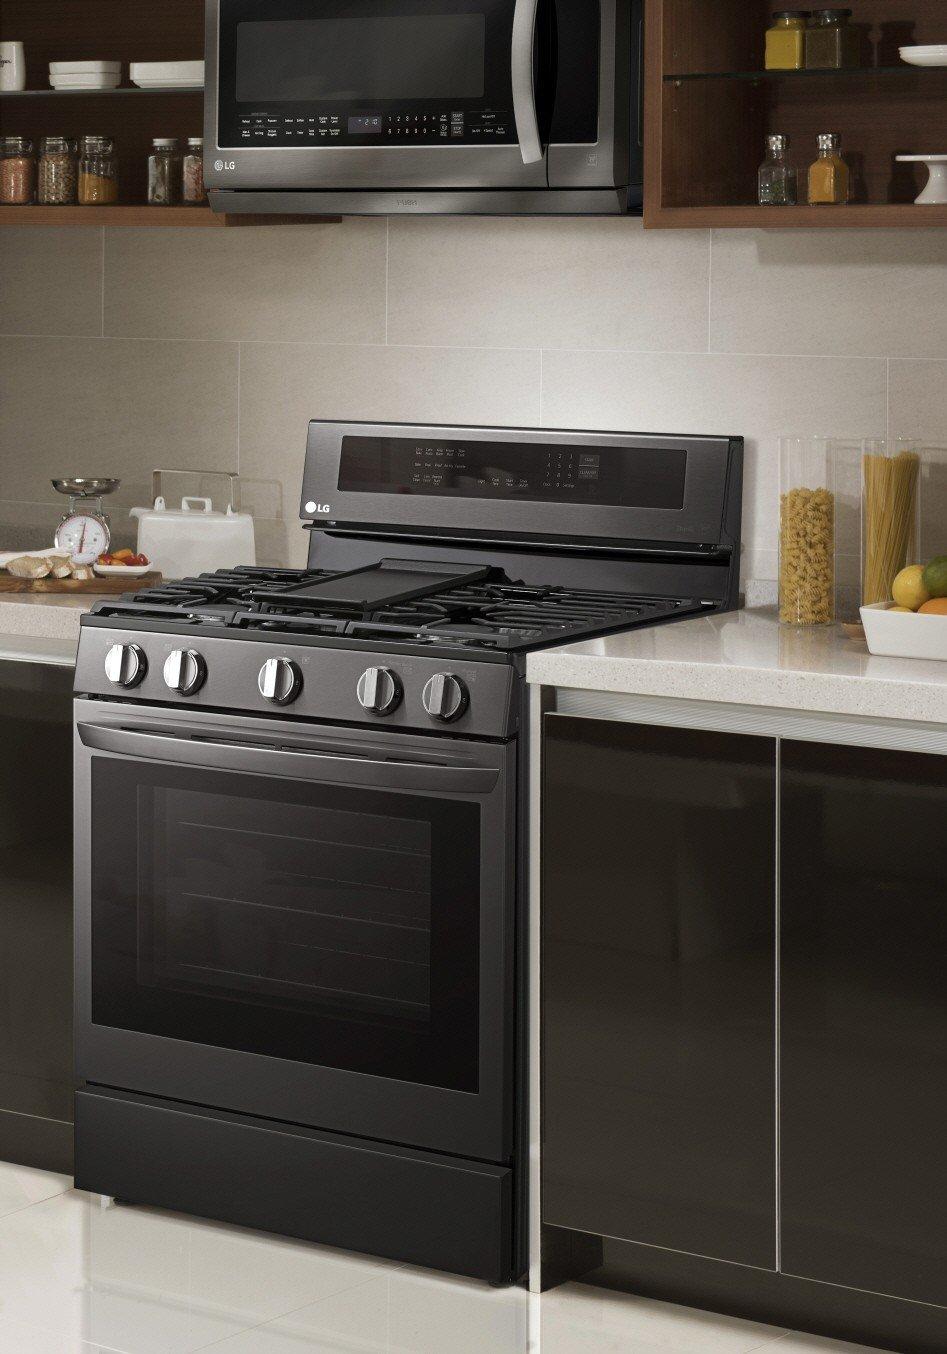 Ces 2020 Roundup Smart Appliances Electronics360